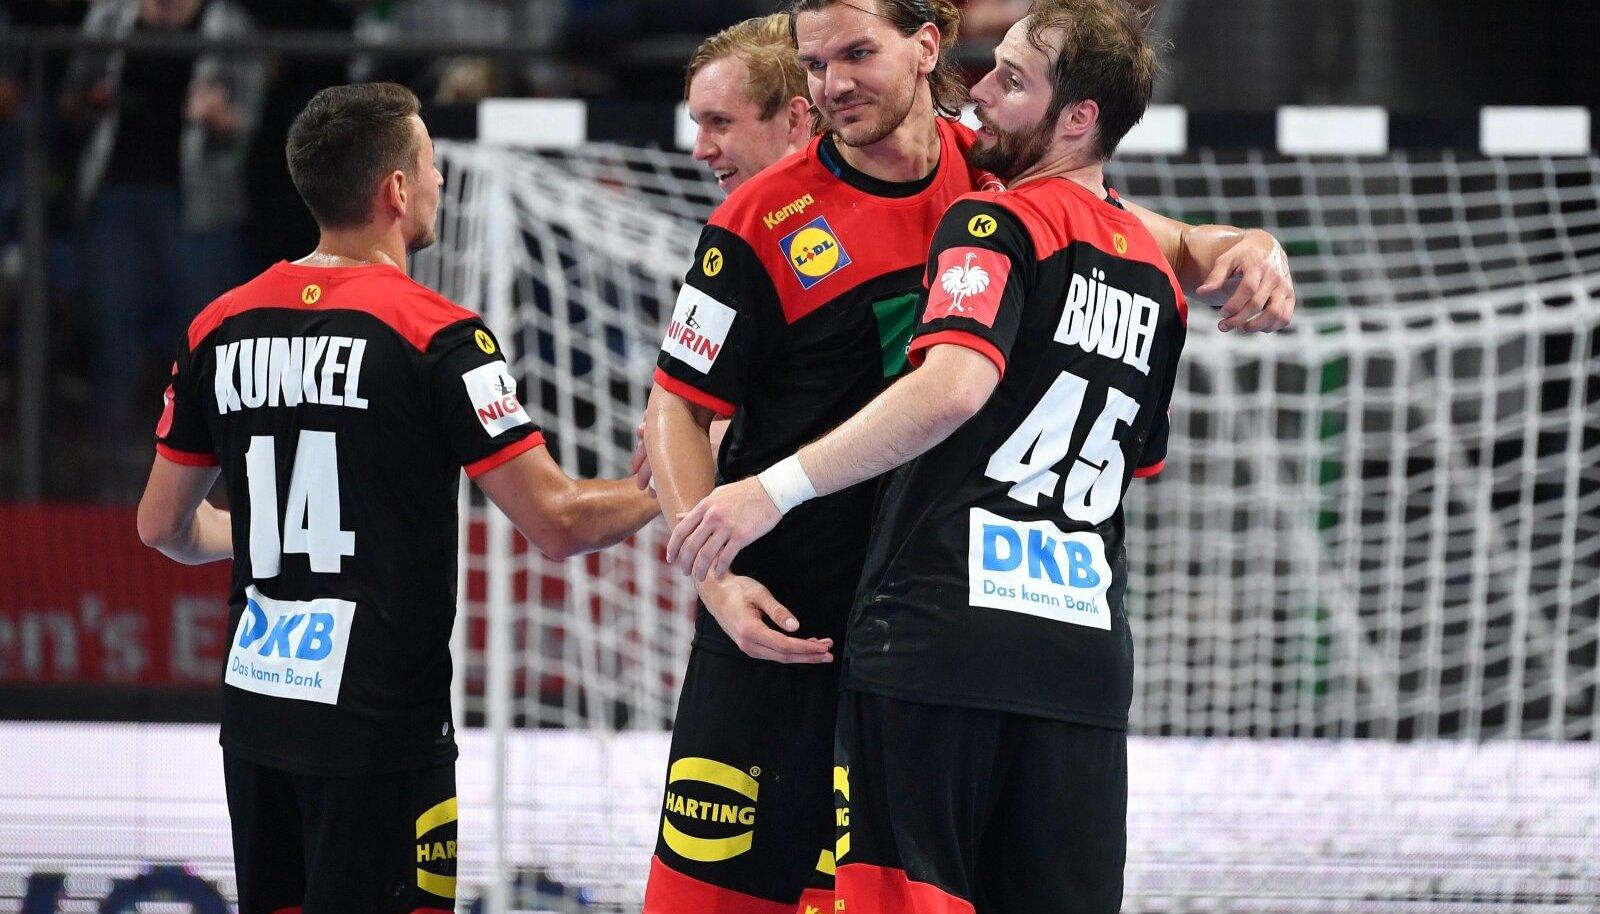 On küsitav, kas maailma käsipalli tippu kuuluv Saksamaa koondis Eestisse saabub.